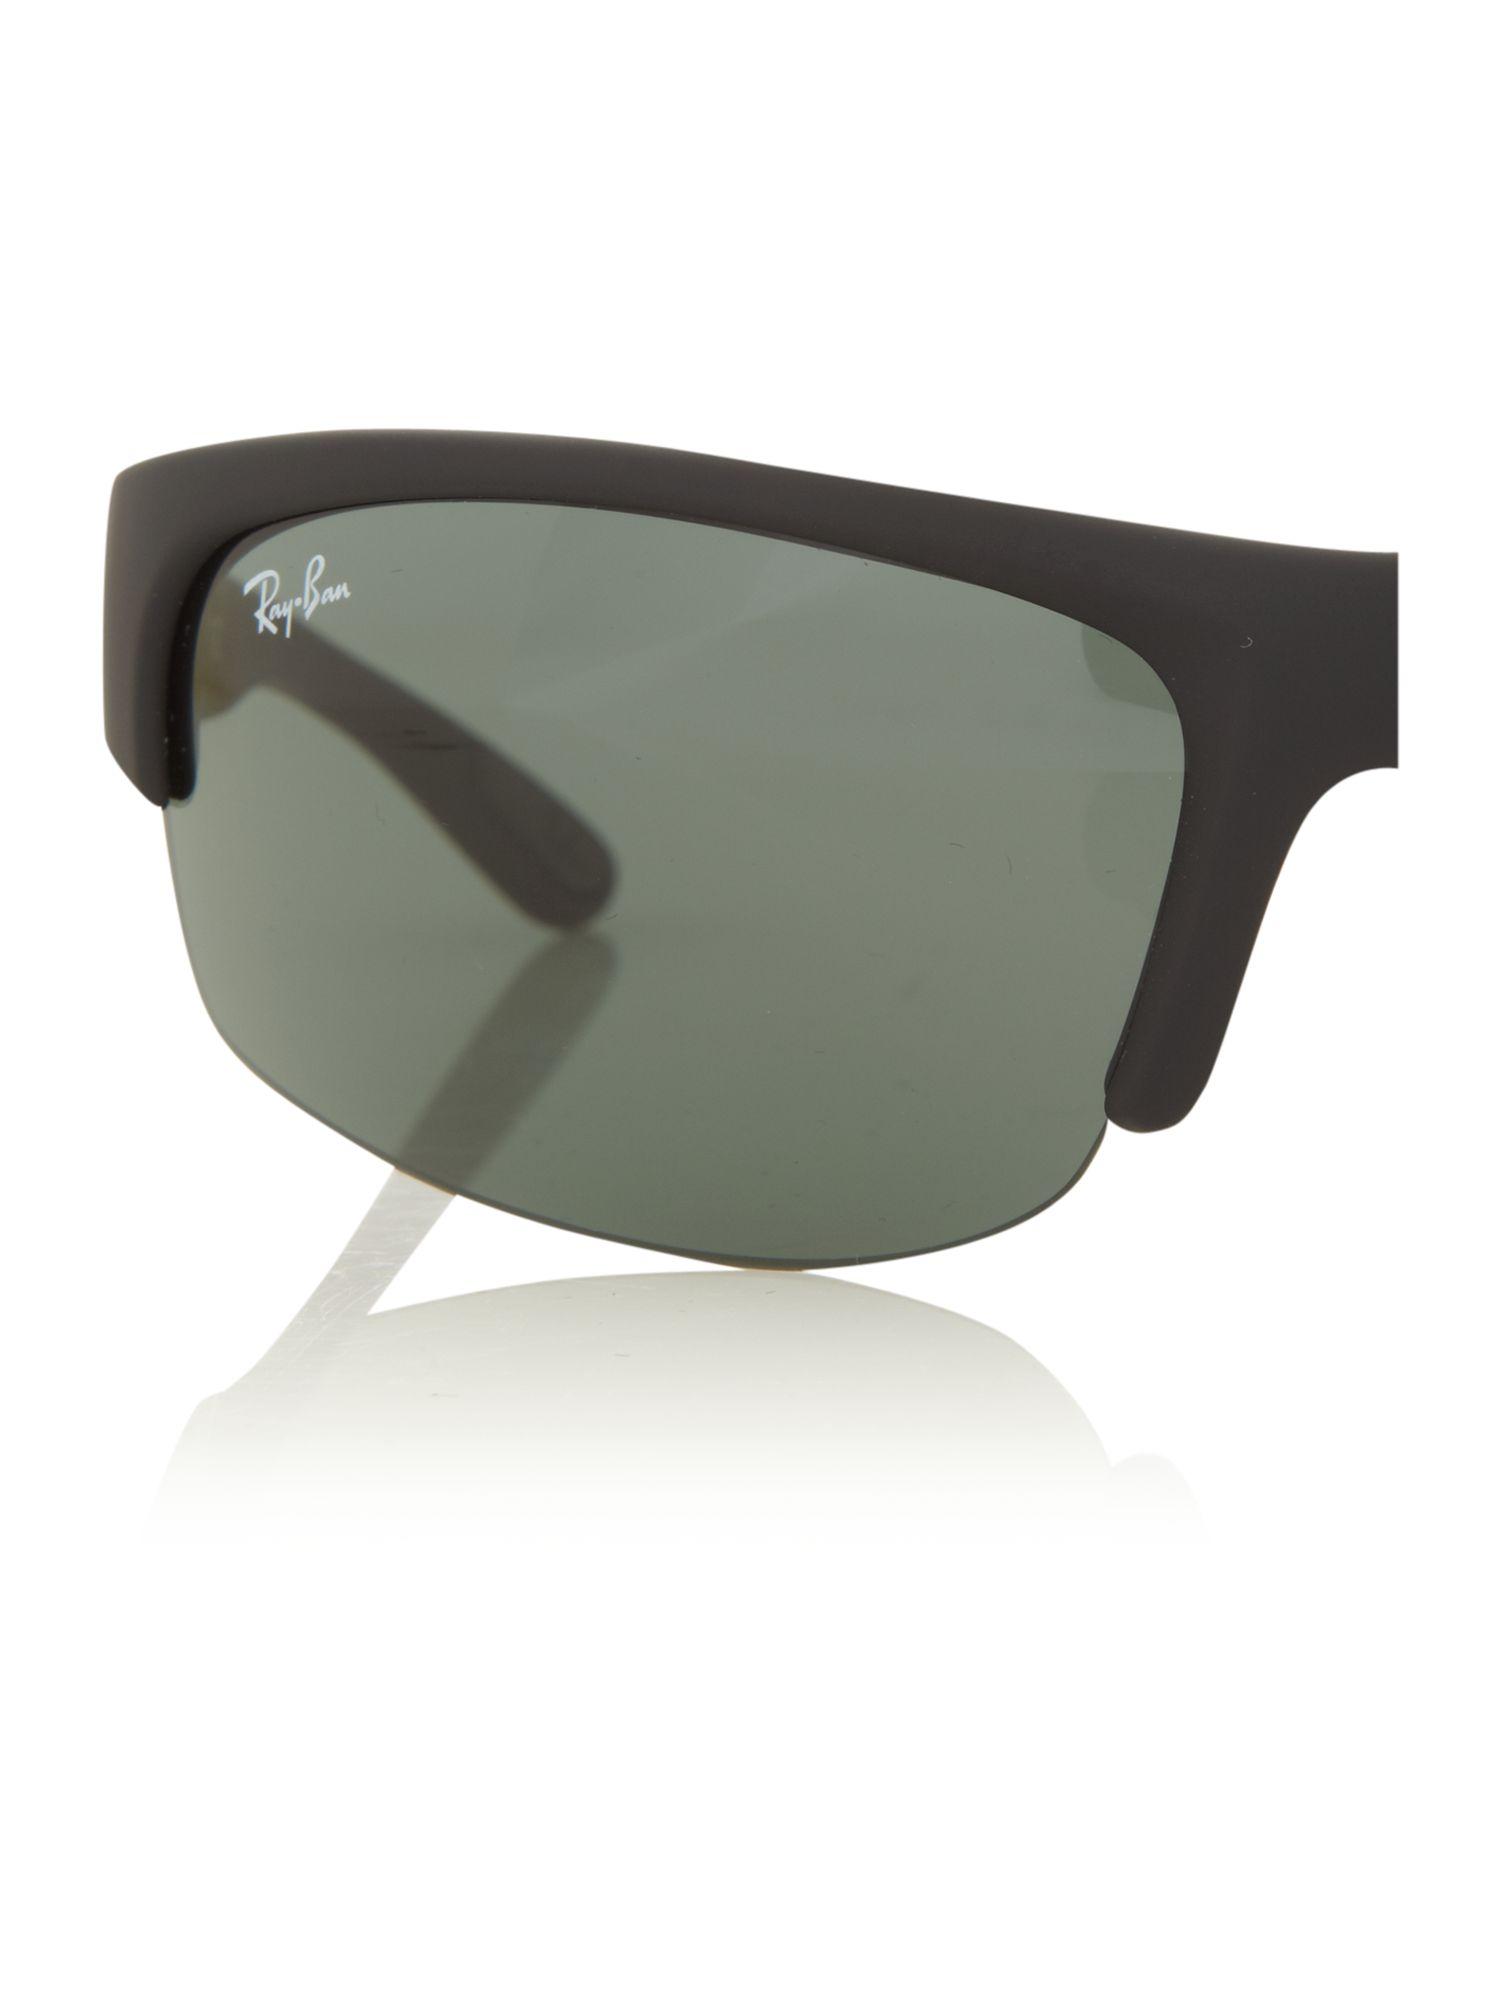 3254365a64 Ray Ban Prescription Sunglasses Boots « Heritage Malta